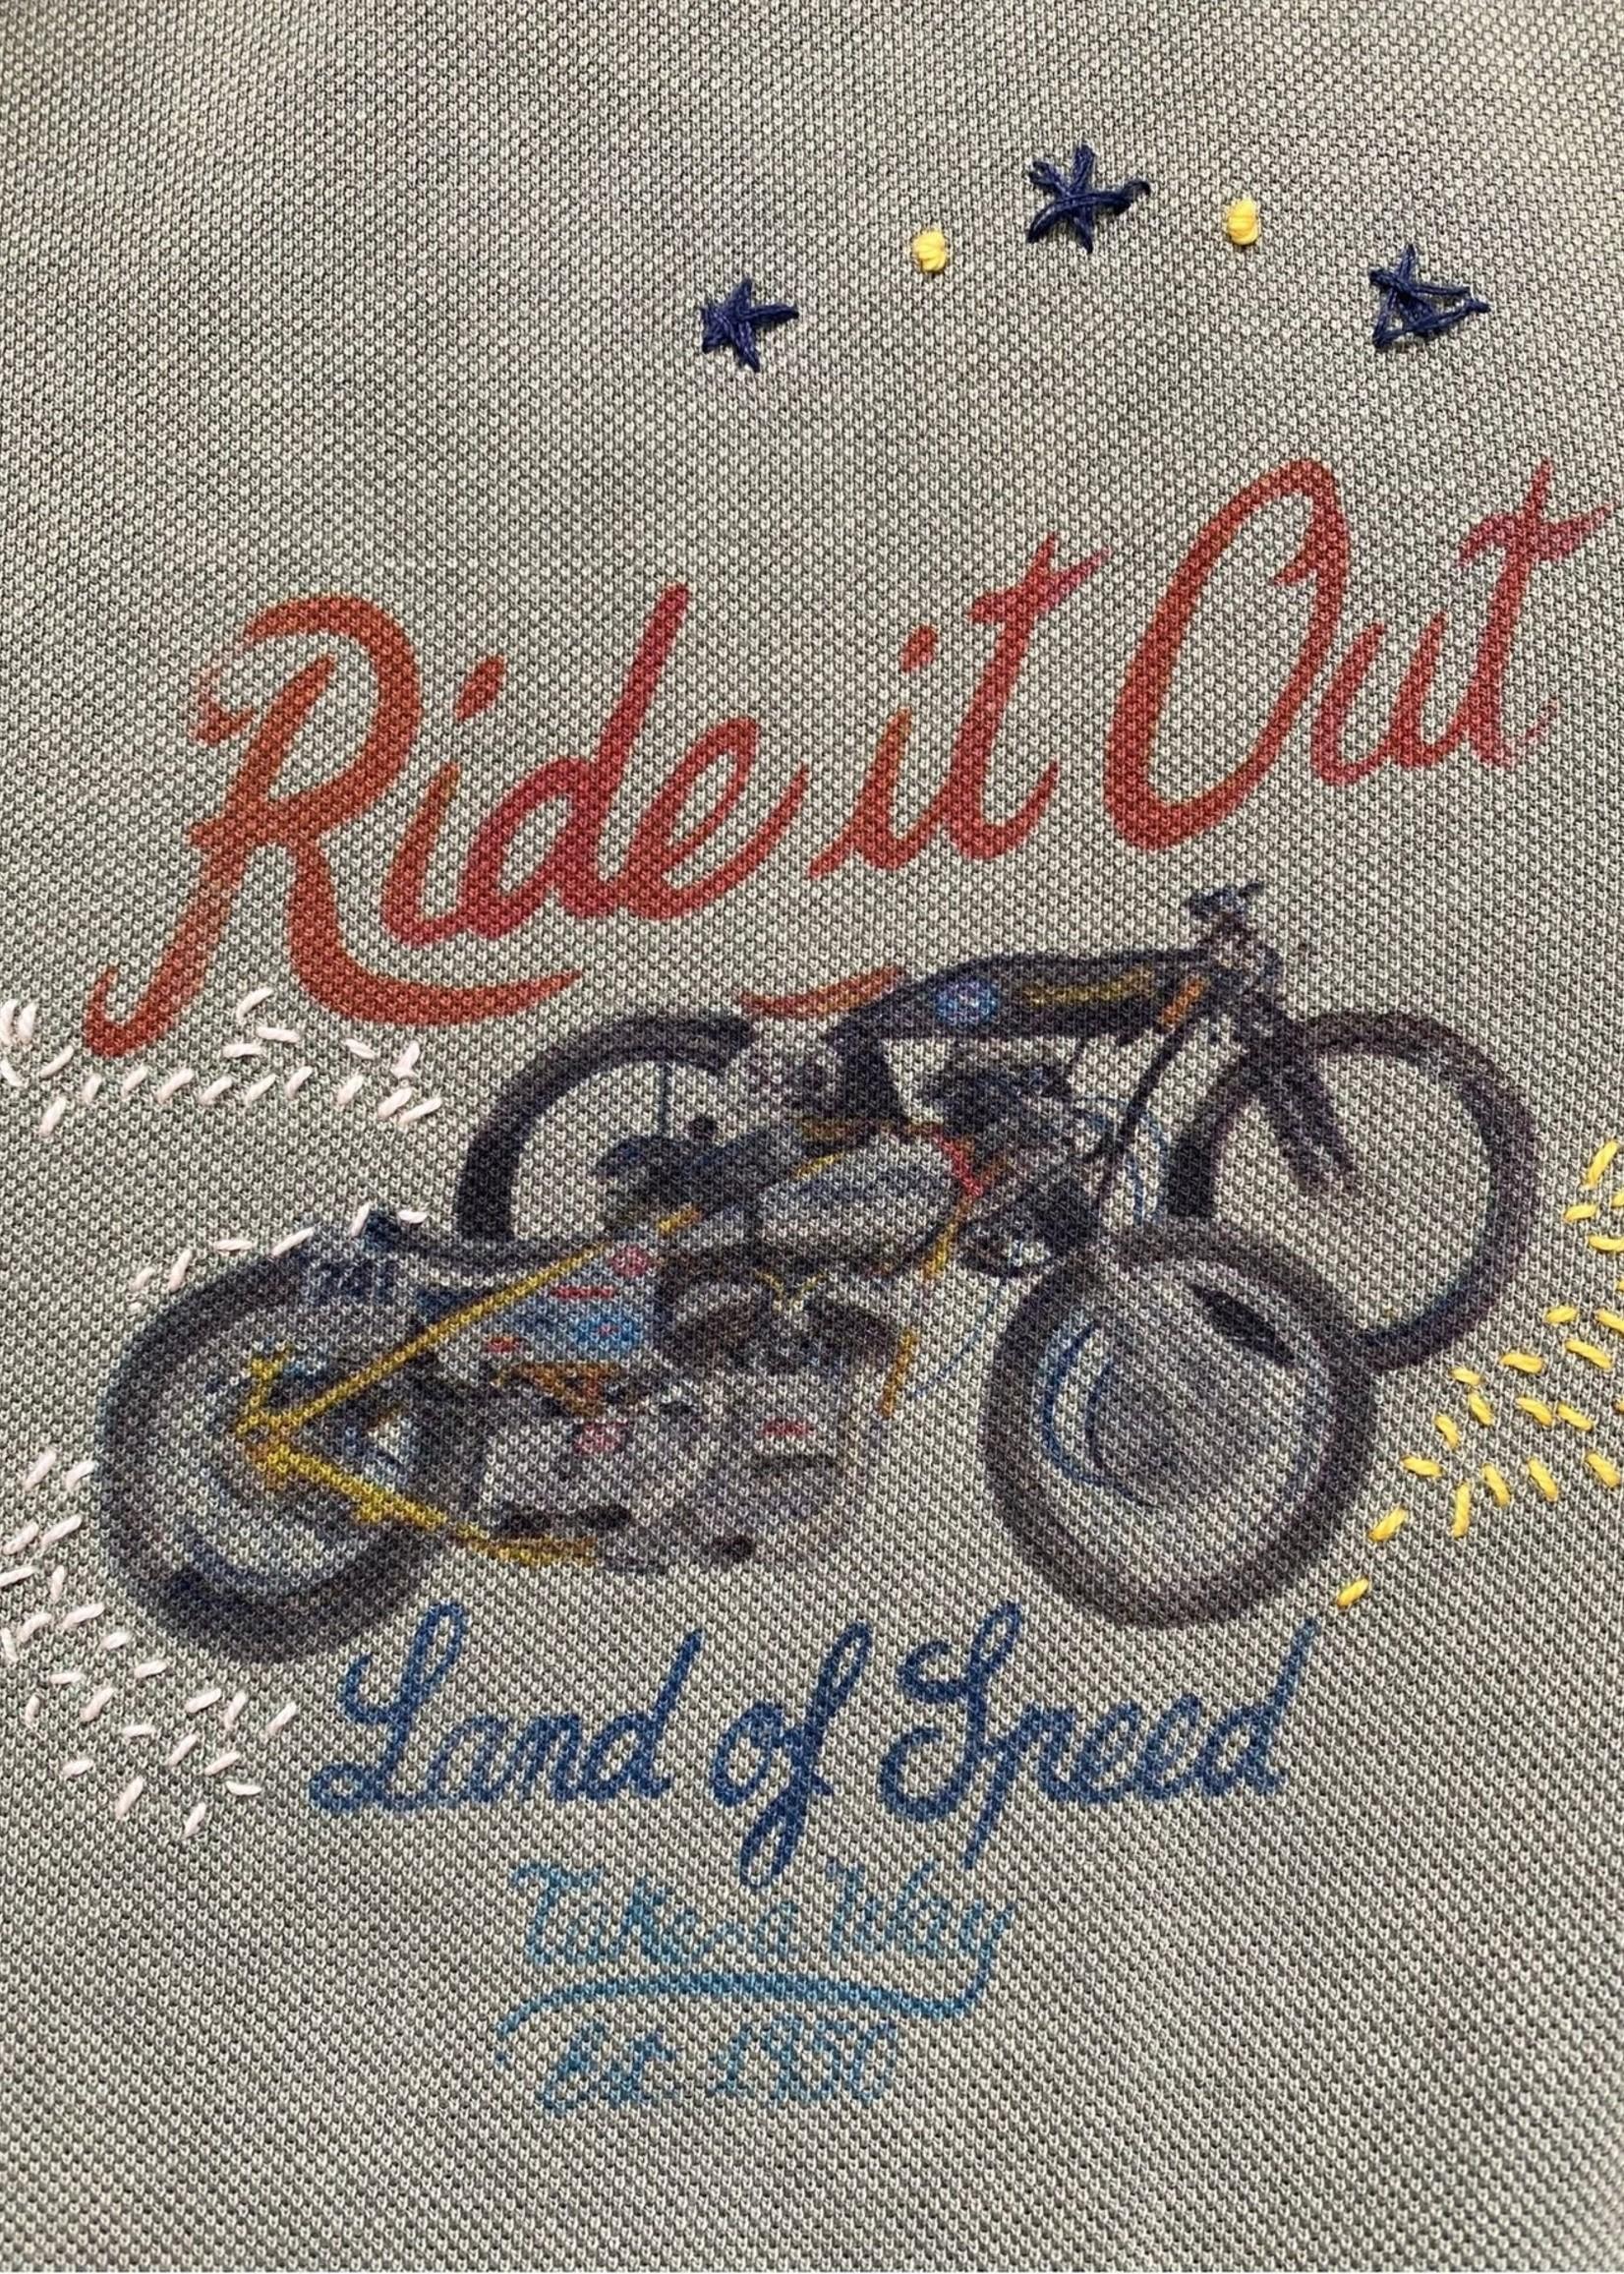 Take A Way Polo Ride It Out | Green | Take a Way